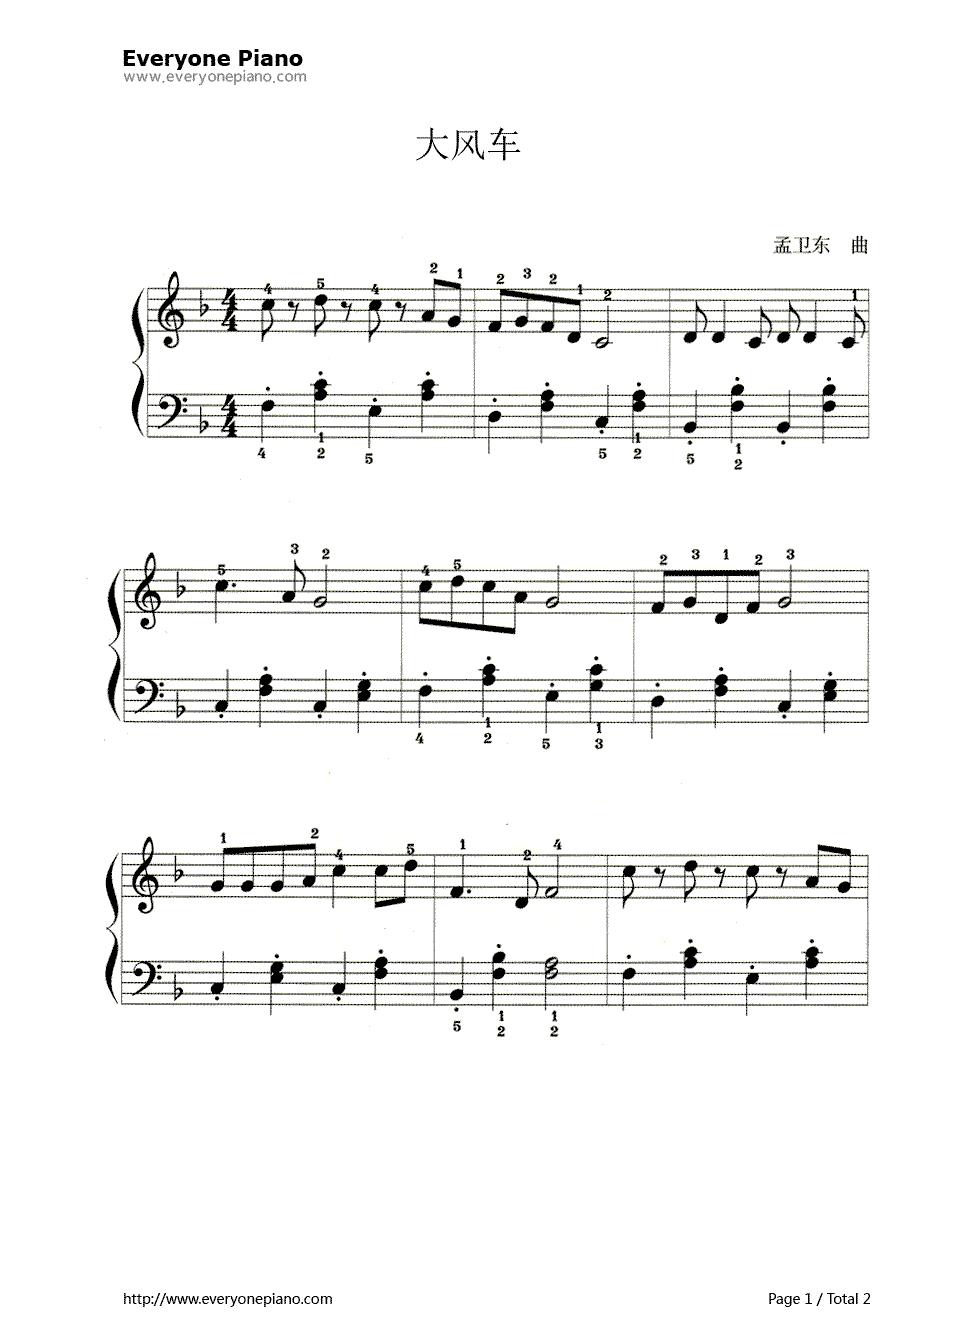 钢琴中c调和f调怎么转换图片